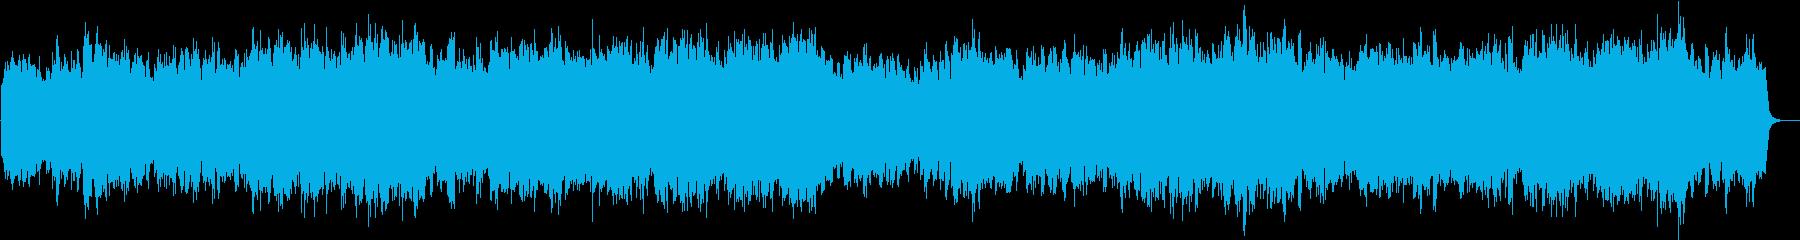 幻想的なスローテンポの音楽の再生済みの波形